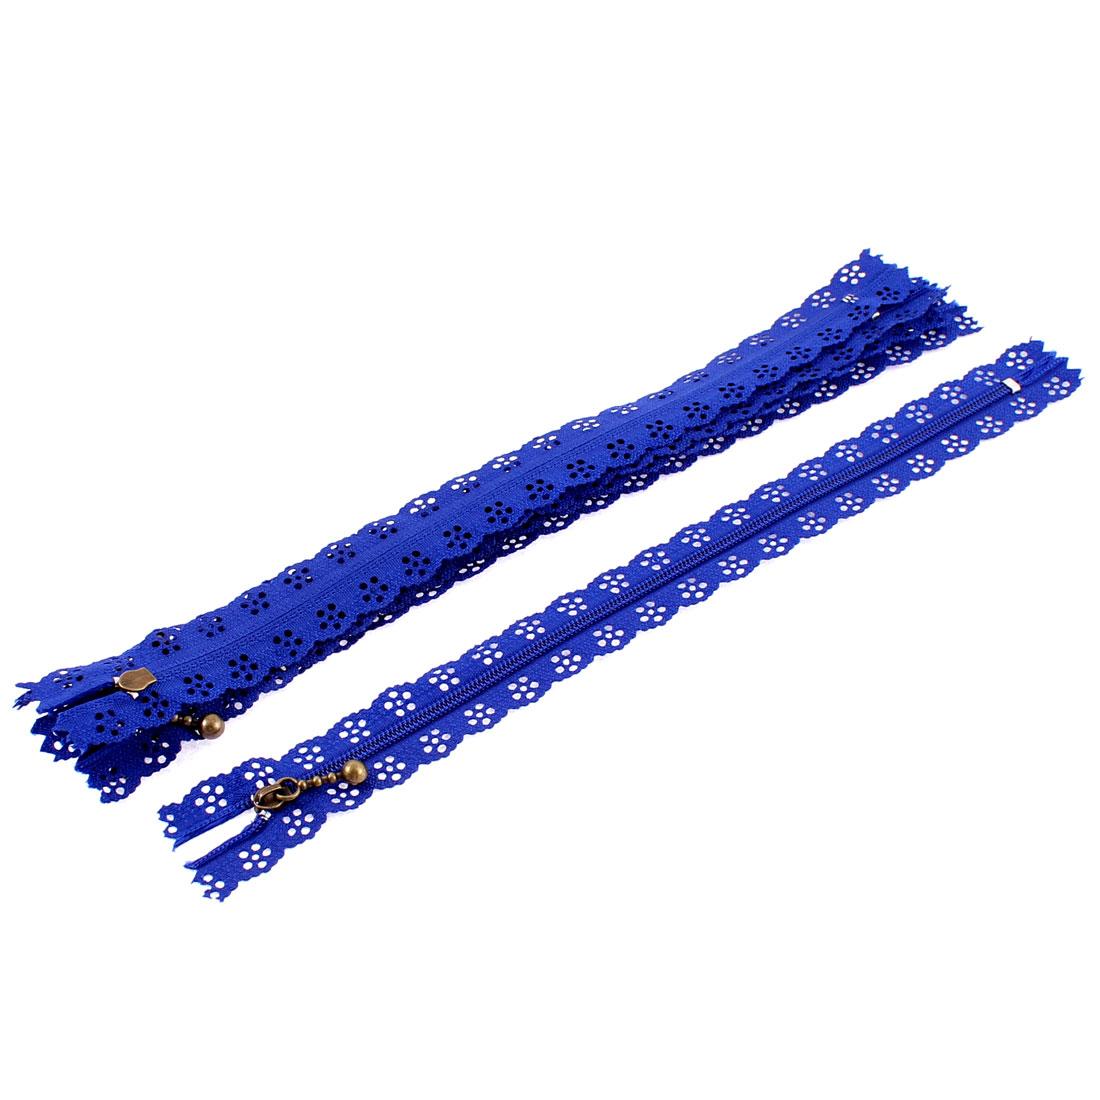 Blue Nylon Flower Floral Lace Closed End Zip Zippers 5 Pcs